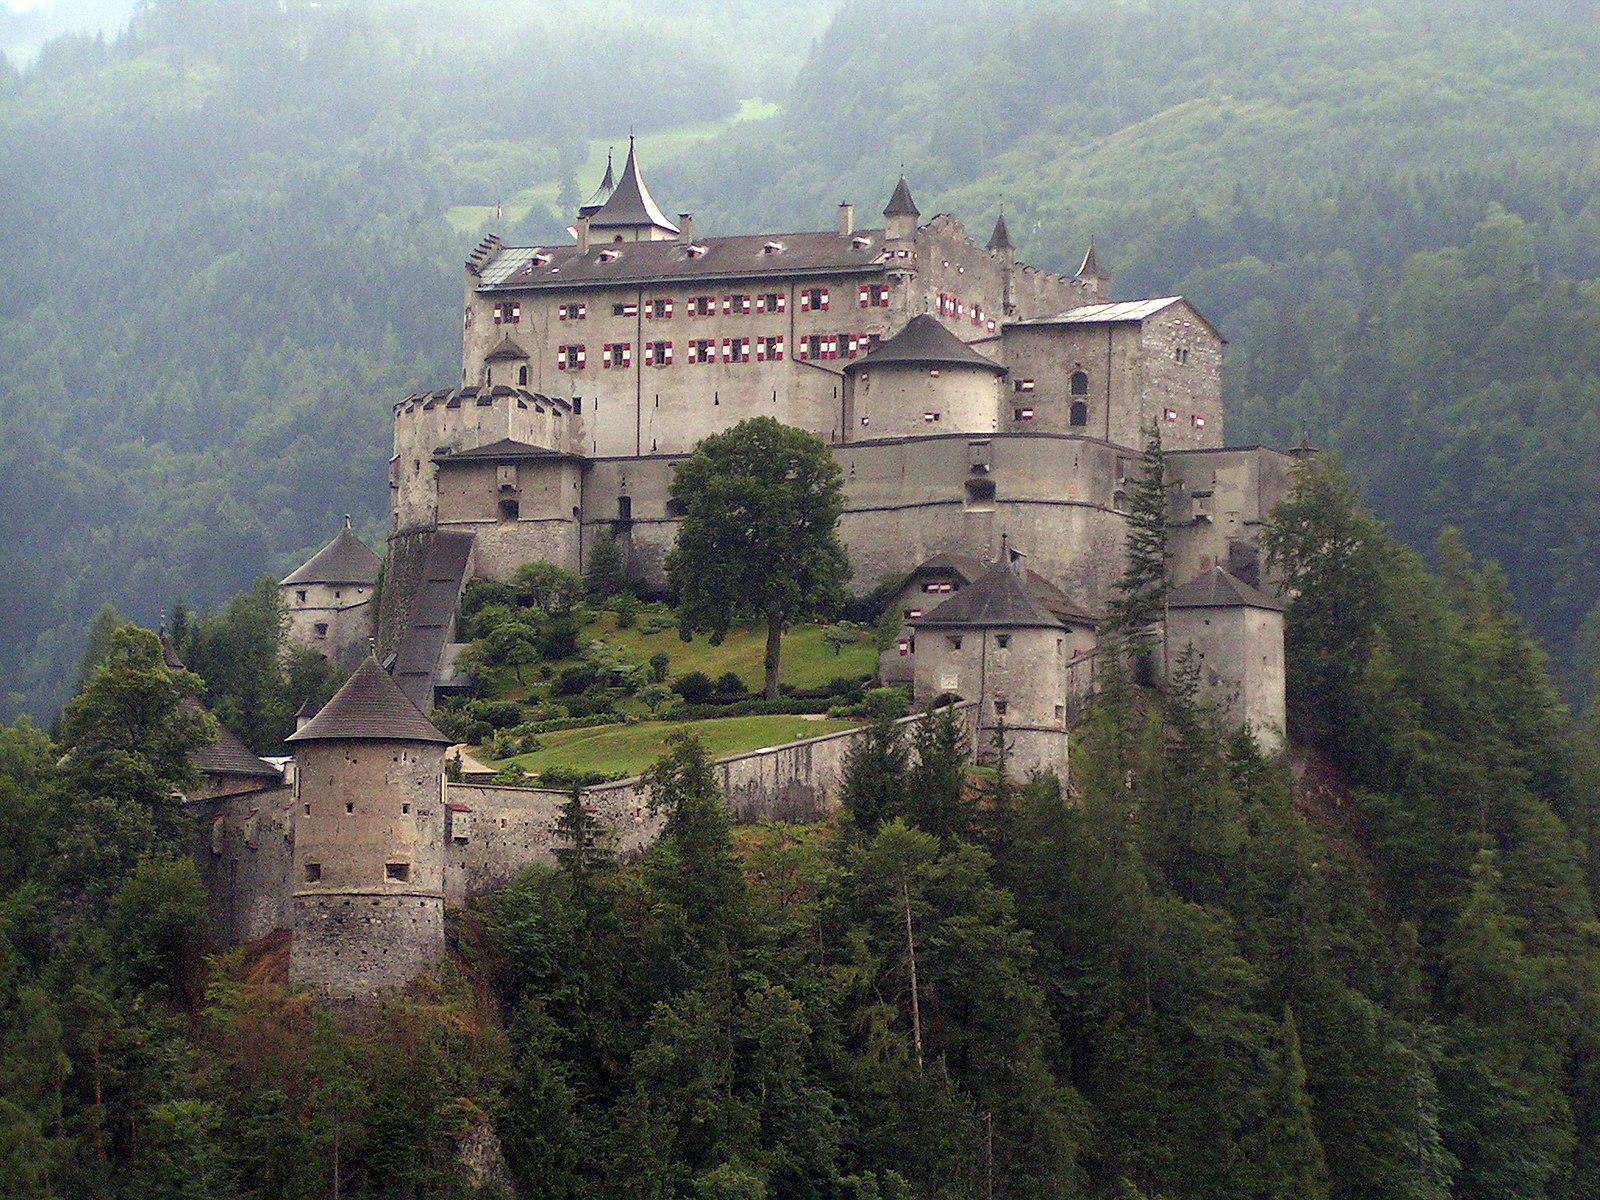 【奧地利】阿爾卑斯迷迷路!遇見美麗的奧地利風情小鎮:滕嫩山麓聖馬丁 7